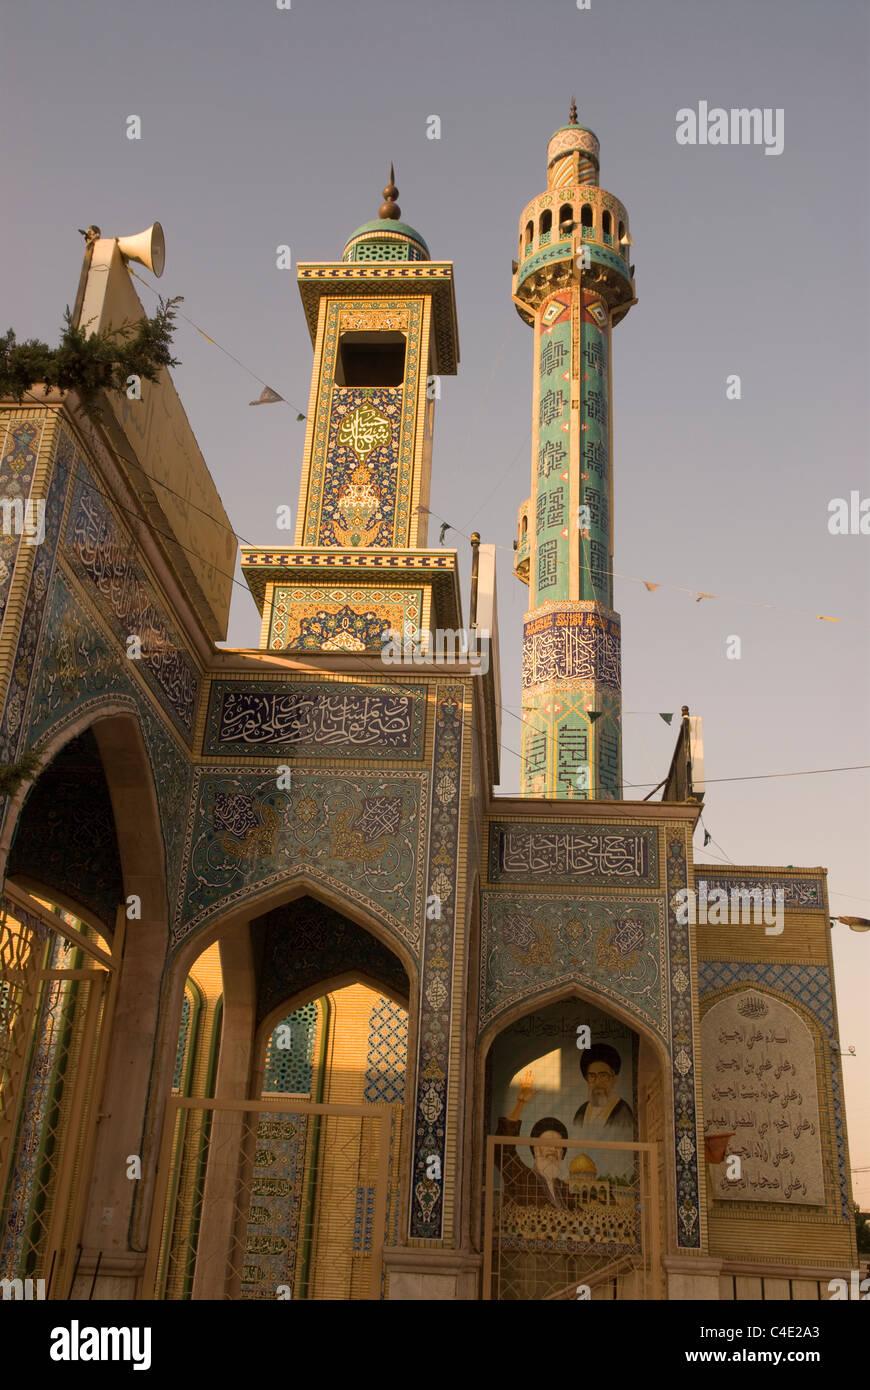 Mezquita, Baalbek, el Valle de Bekaa, en el Líbano. Imagen De Stock